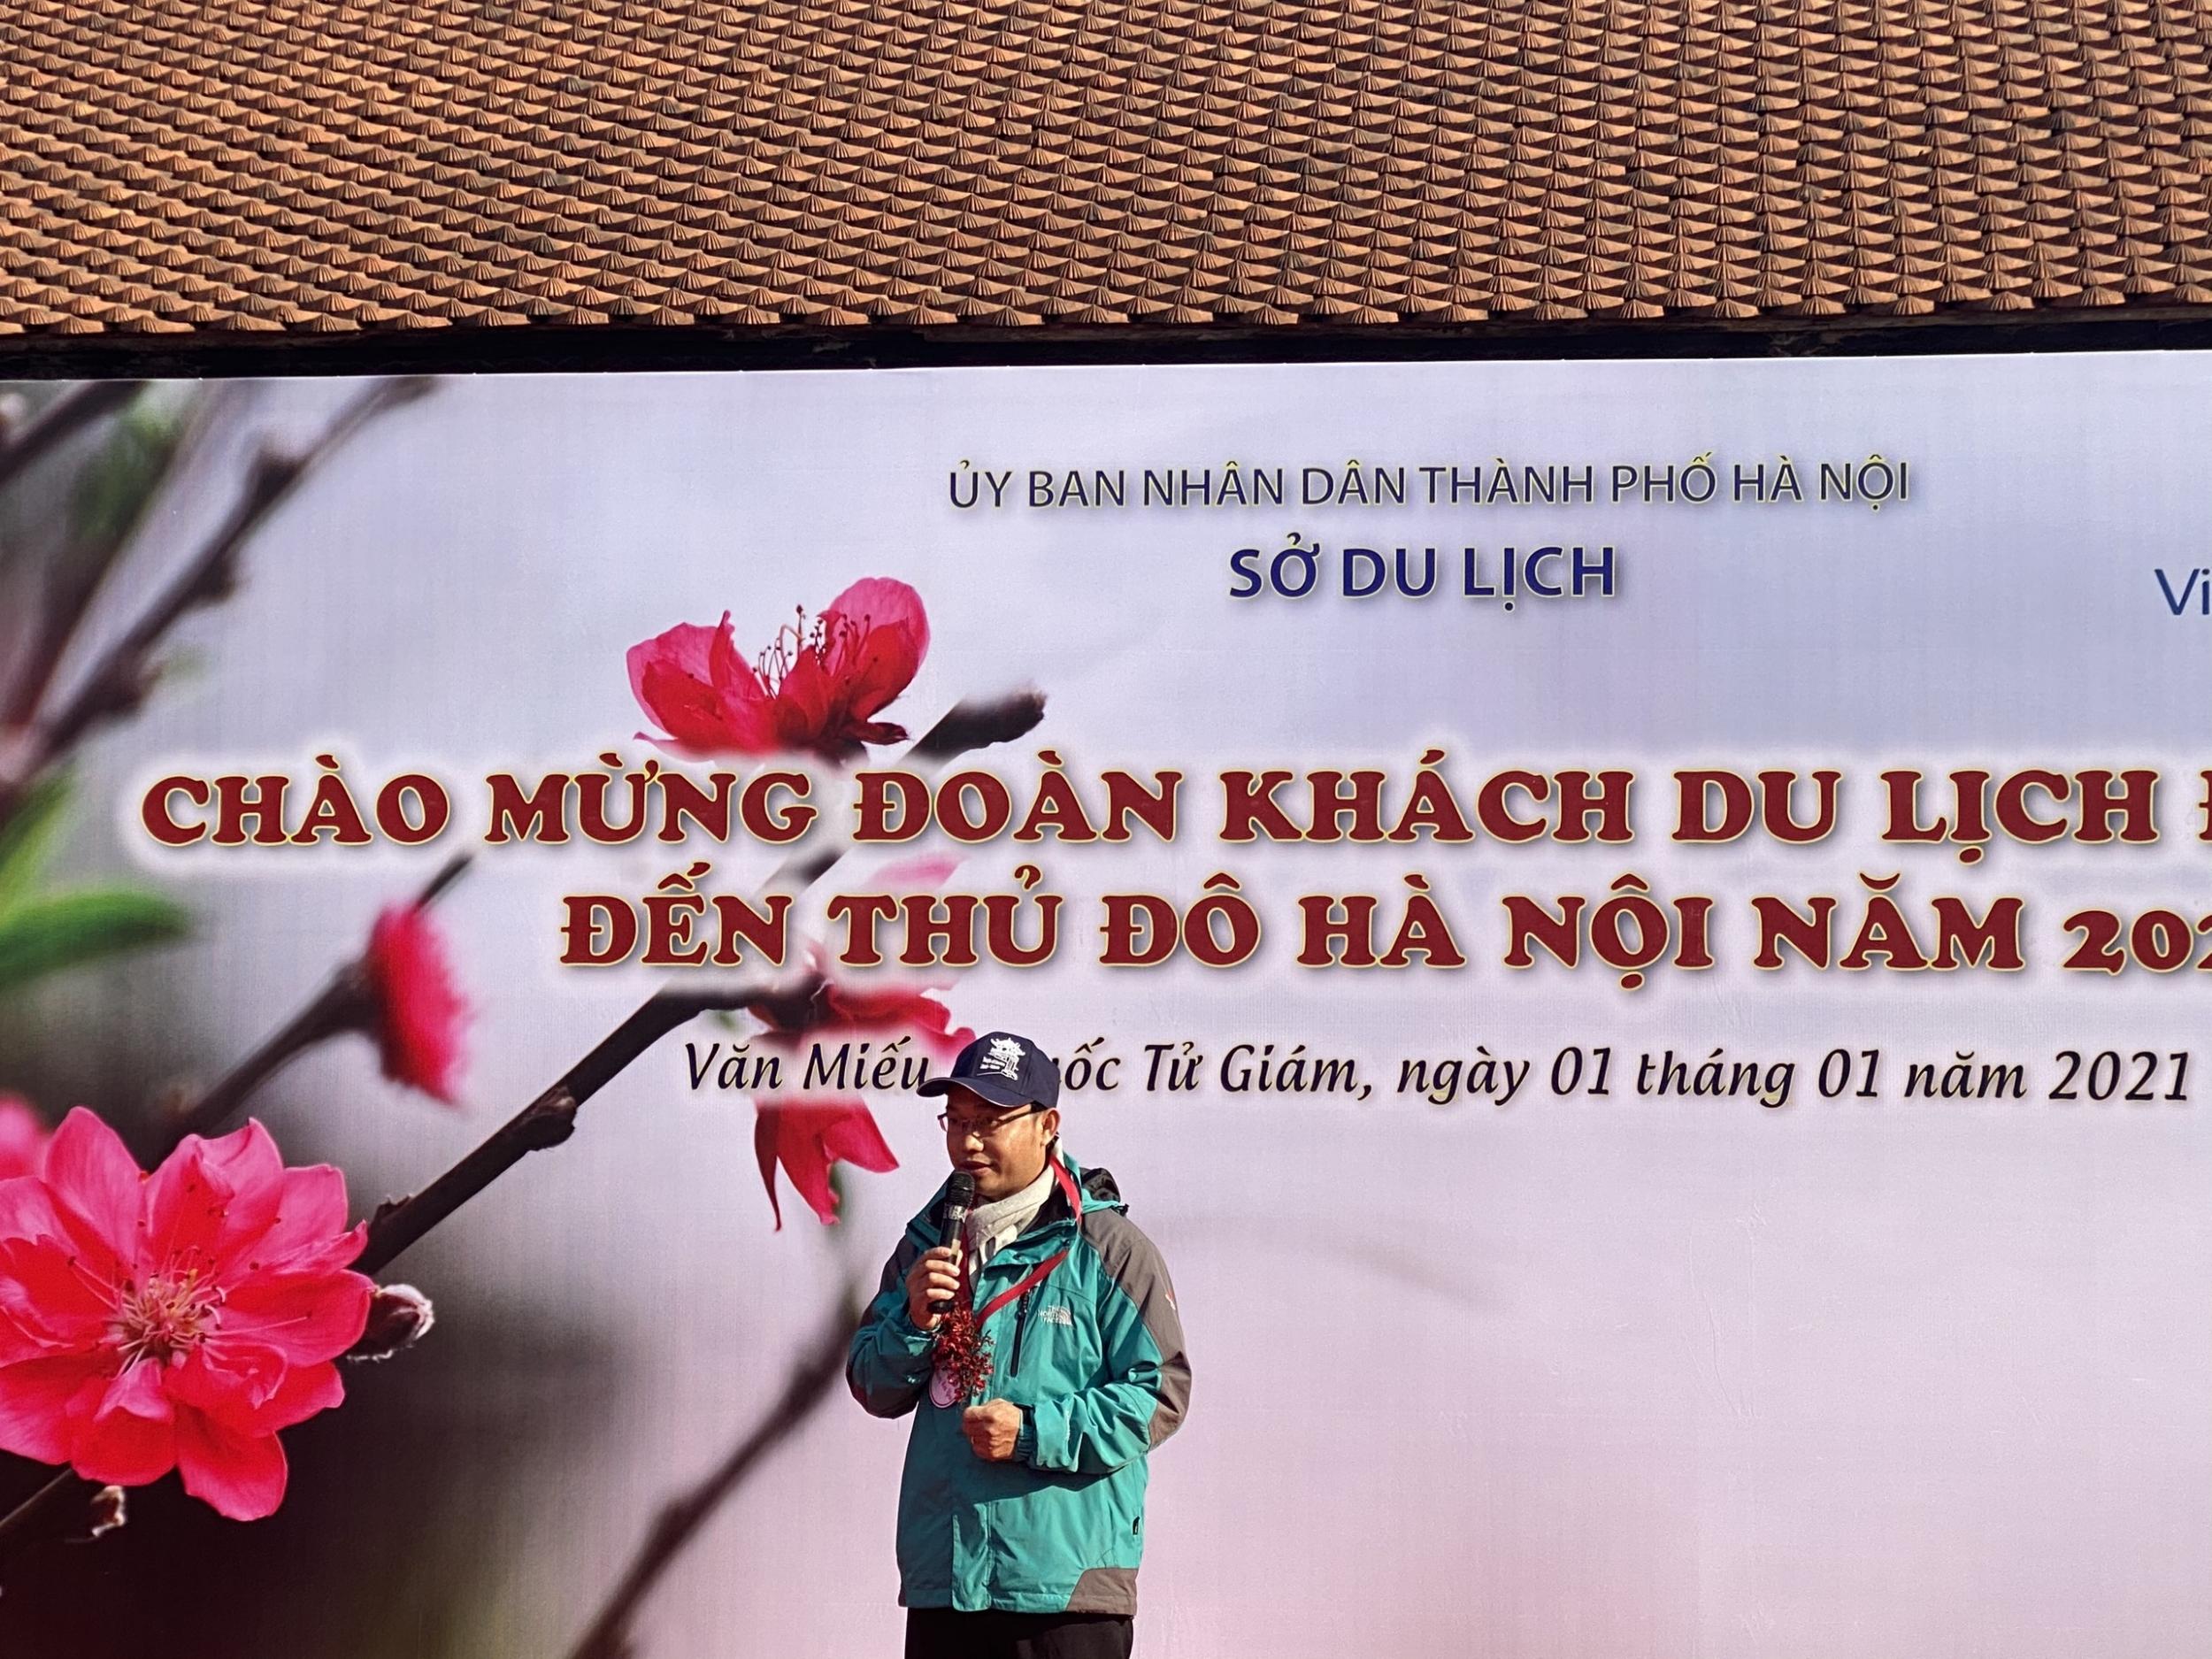 """Hà Nội đón đoàn khách du lịch đầu tiên đến """"xông đất"""" trong năm mới 2021"""